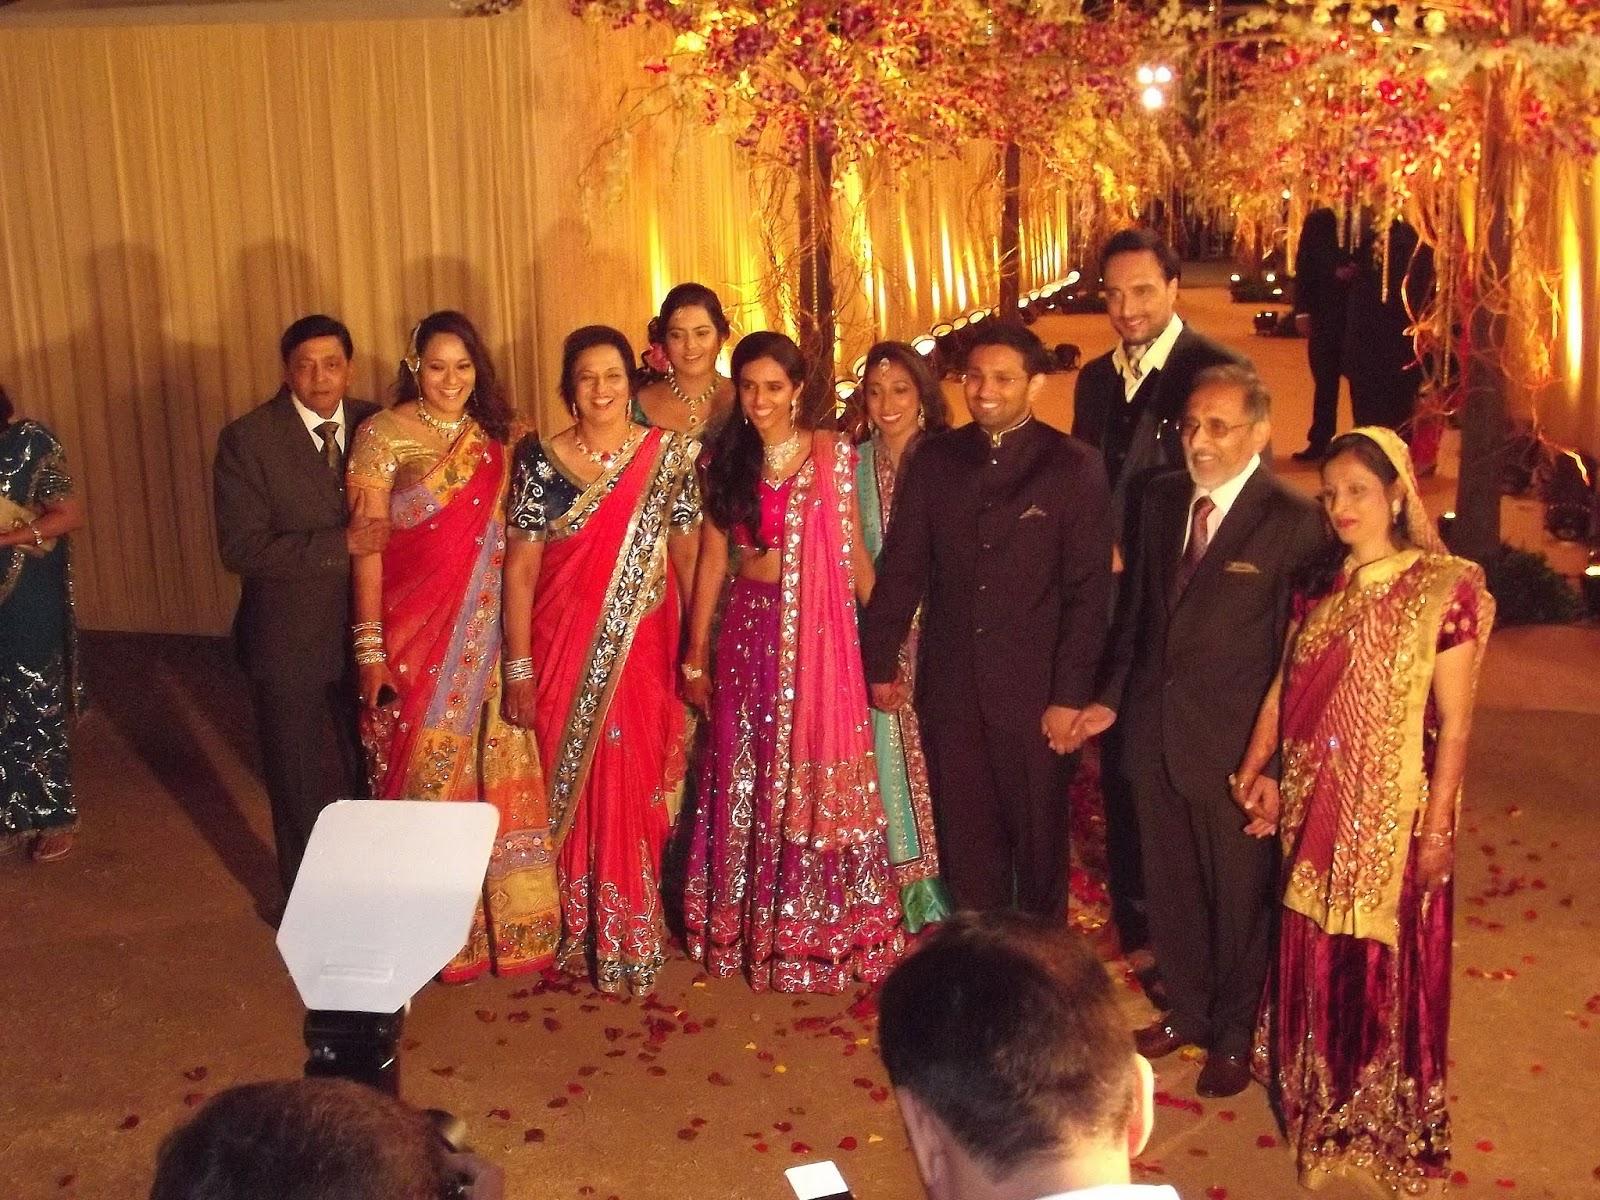 casamento indiano  grand finale